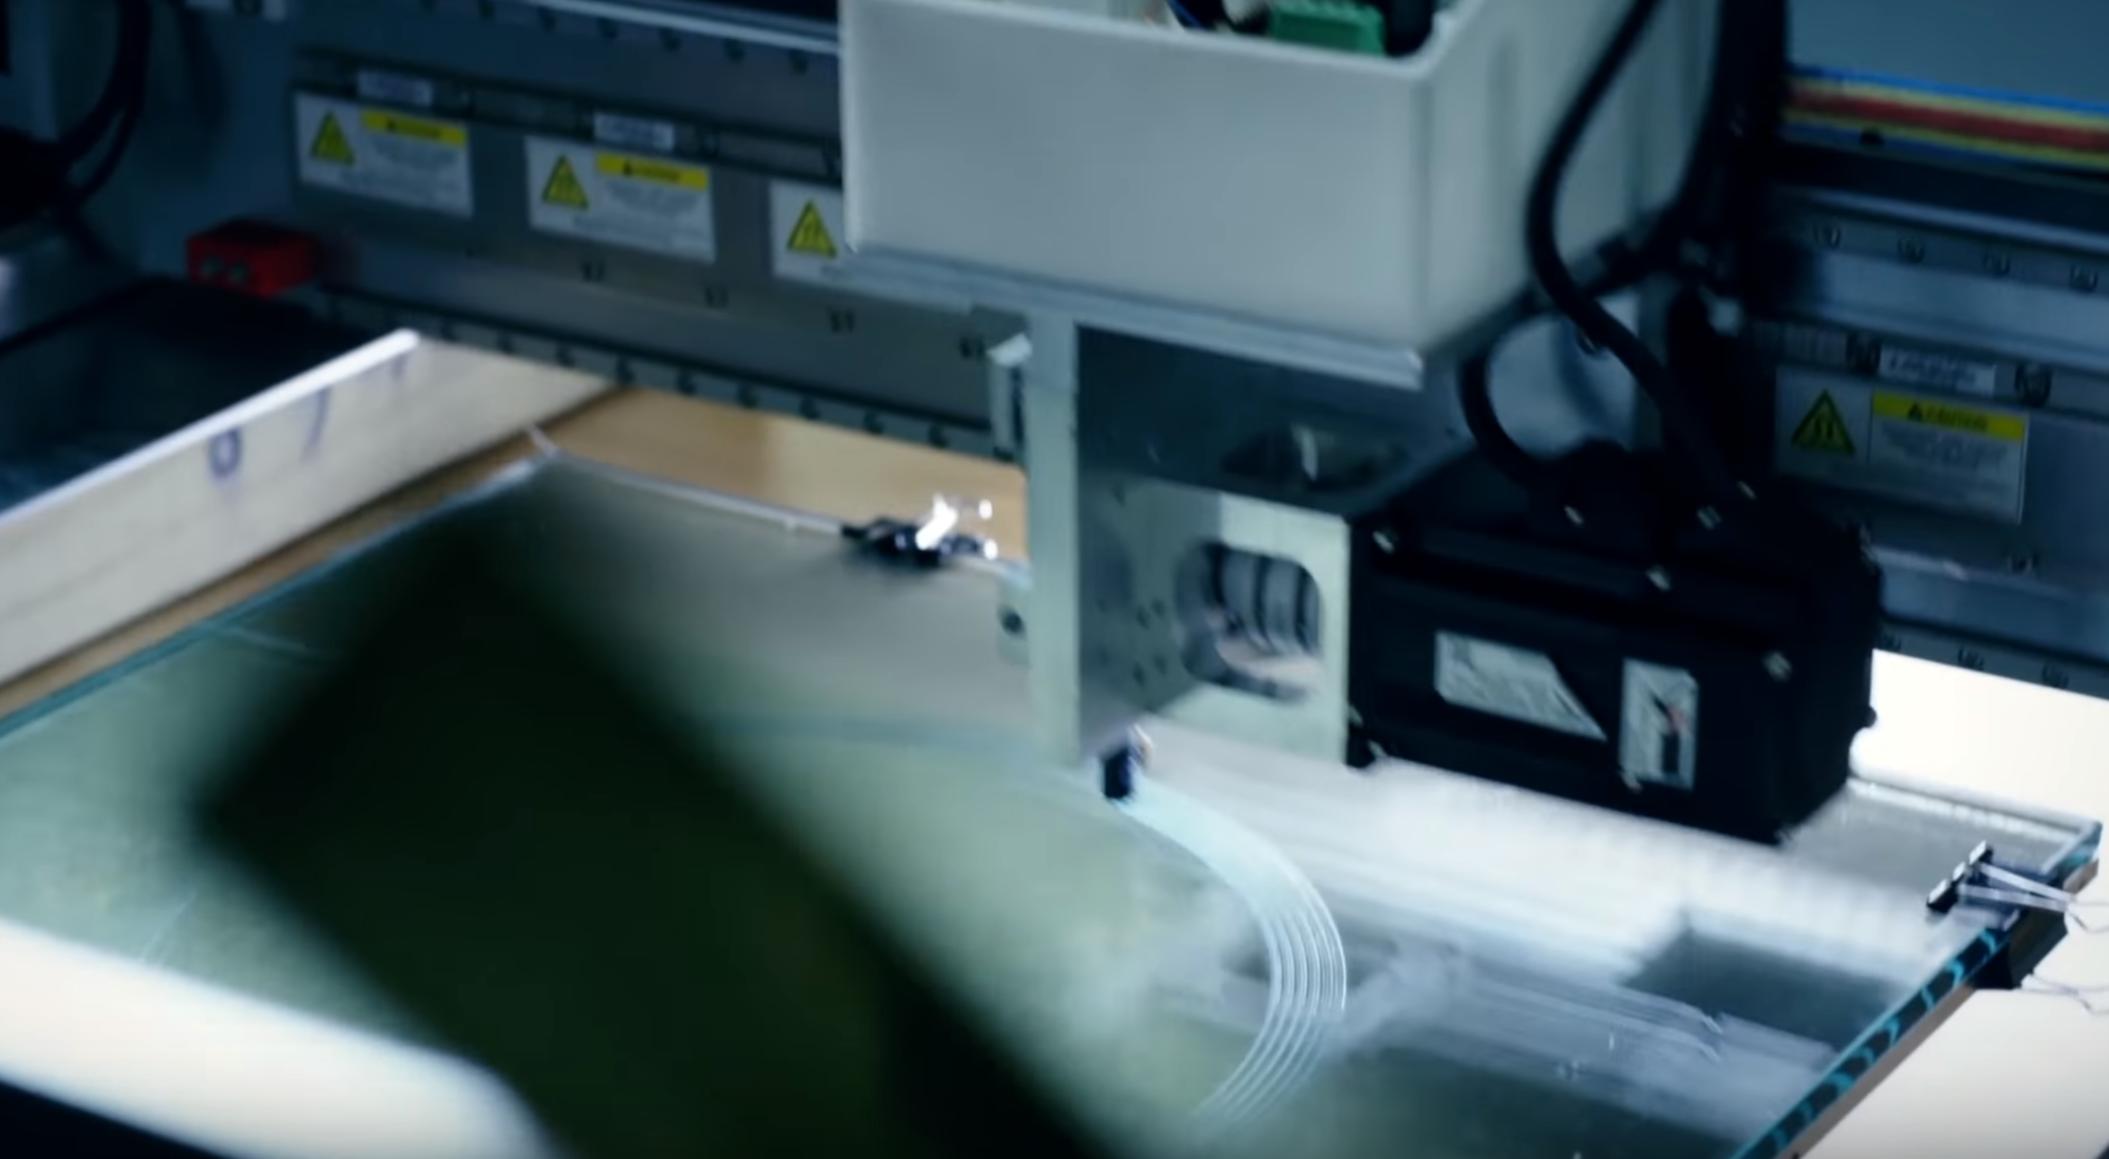 The Essentium High Speed Extrusion 3D printer. Image via Essentium.